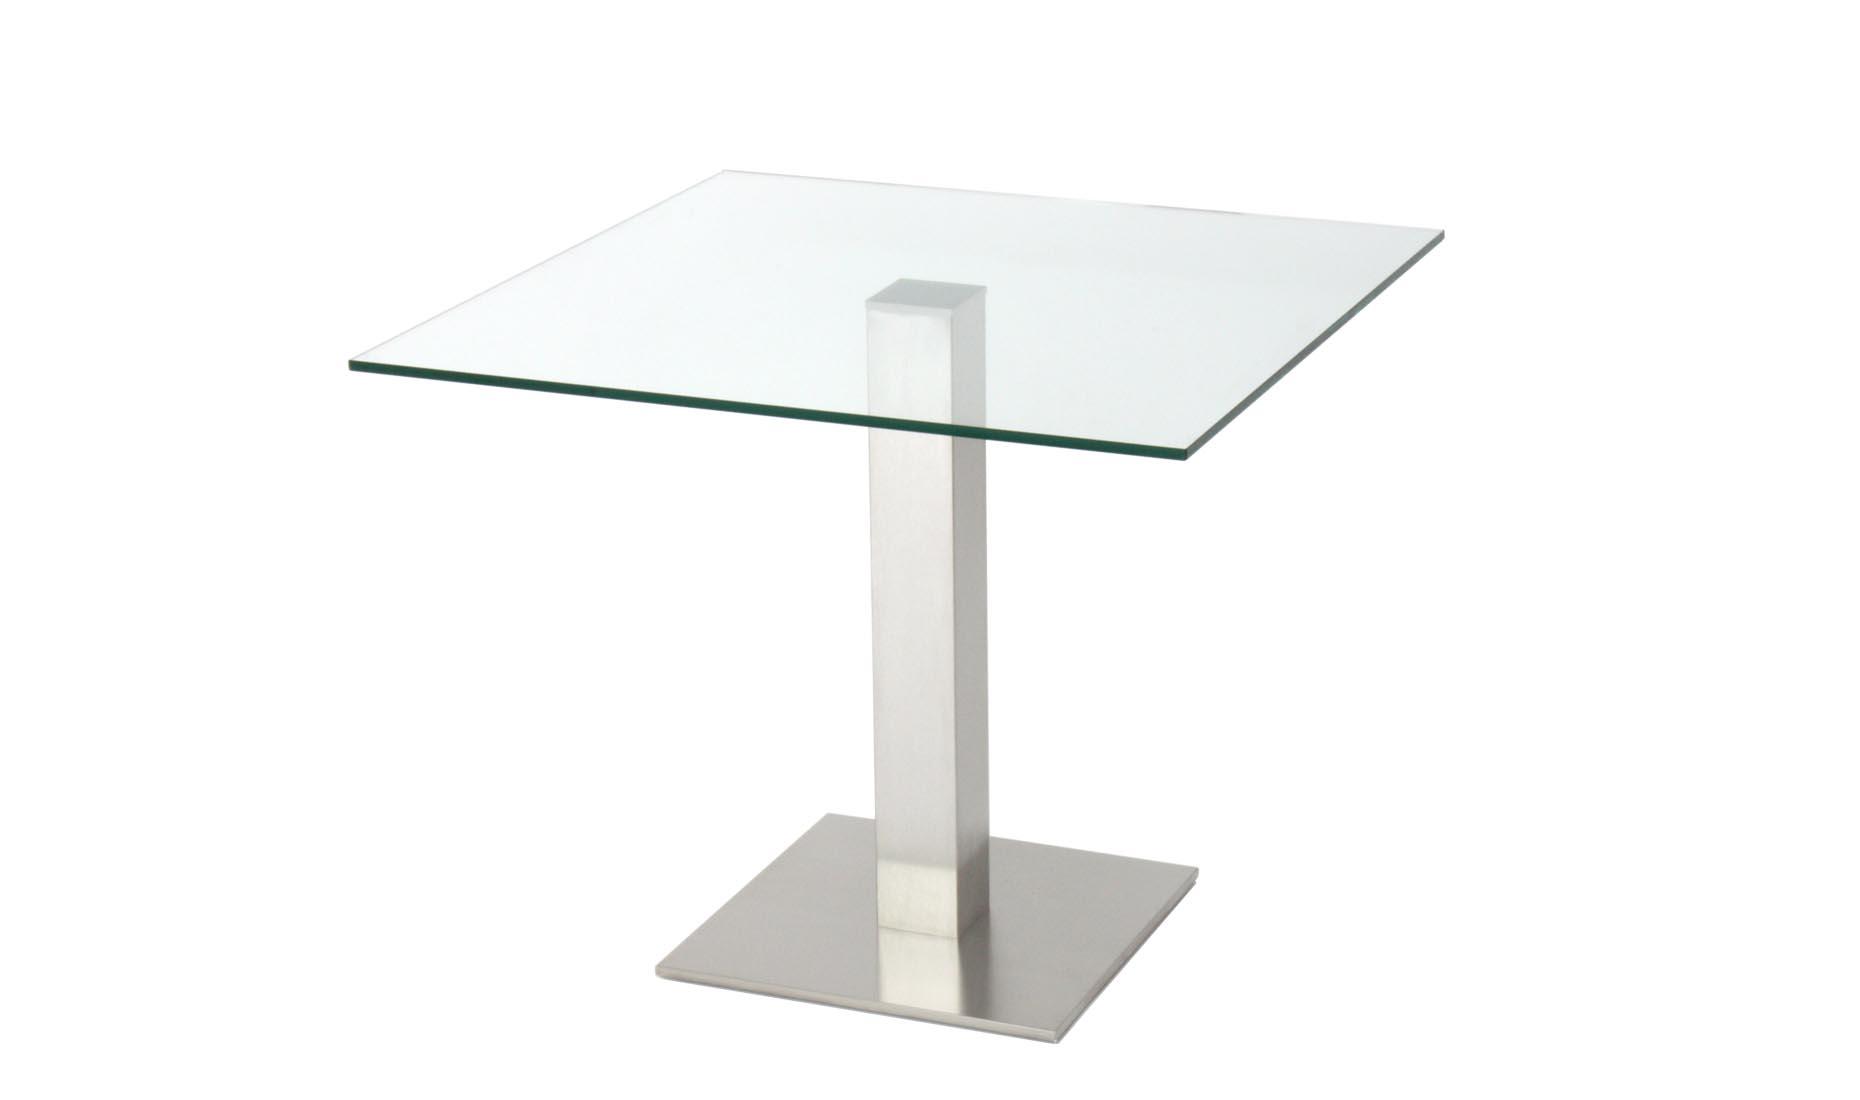 Glas-Esstisch nach Maß - CUB-100 (Säulentische, Esstische)